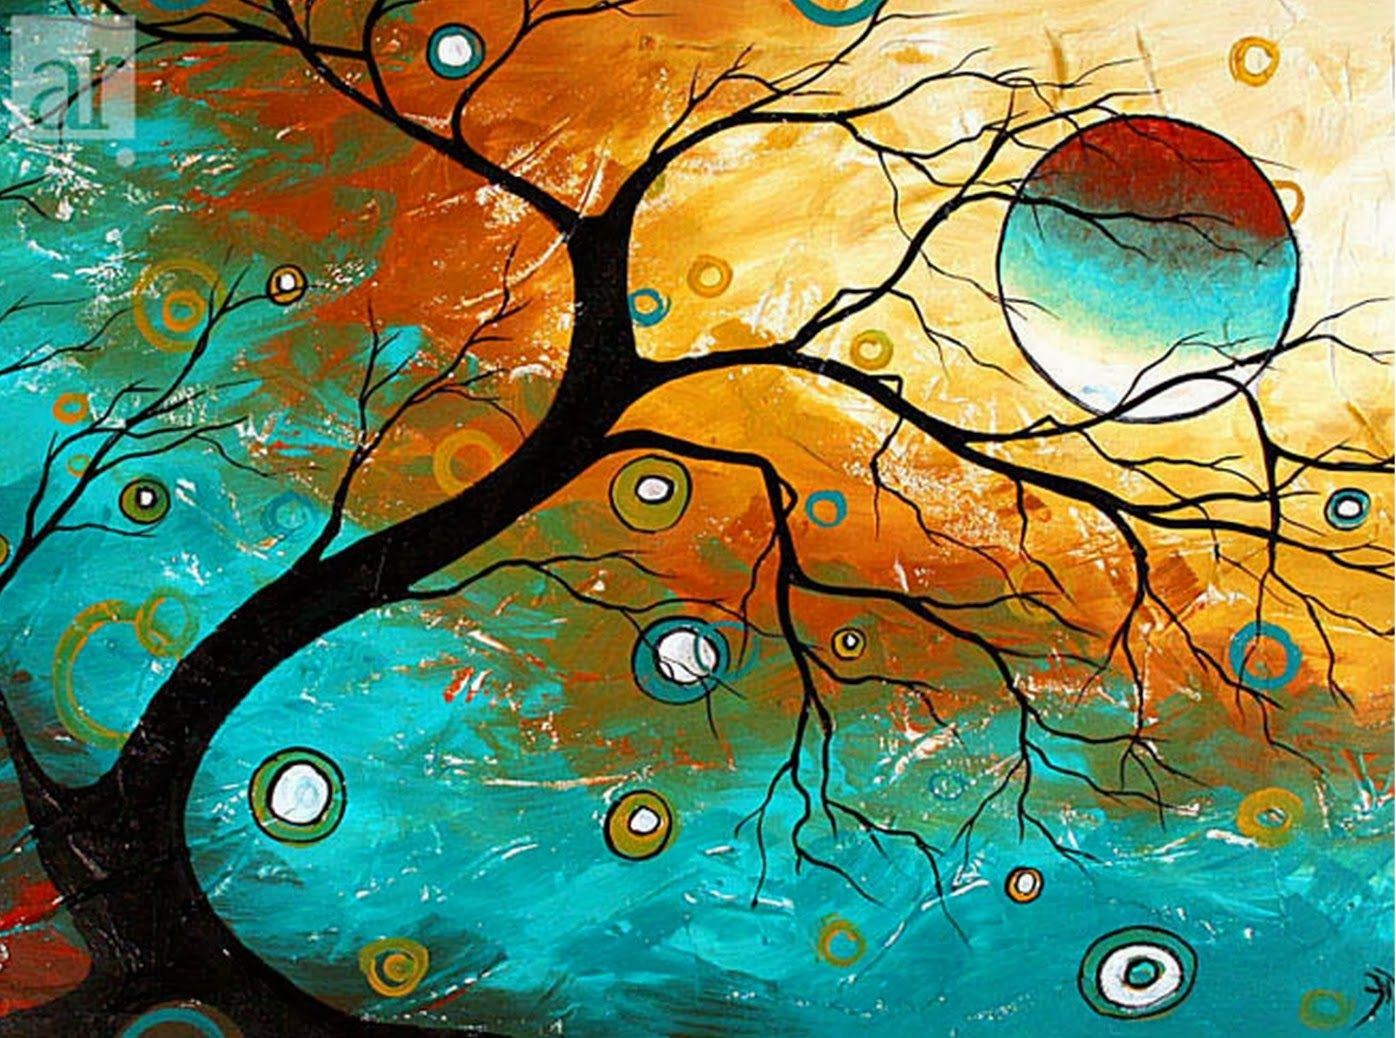 Imagenes abstractas para cuadros para el movil en hd 11 - Fotos para hacer cuadros ...